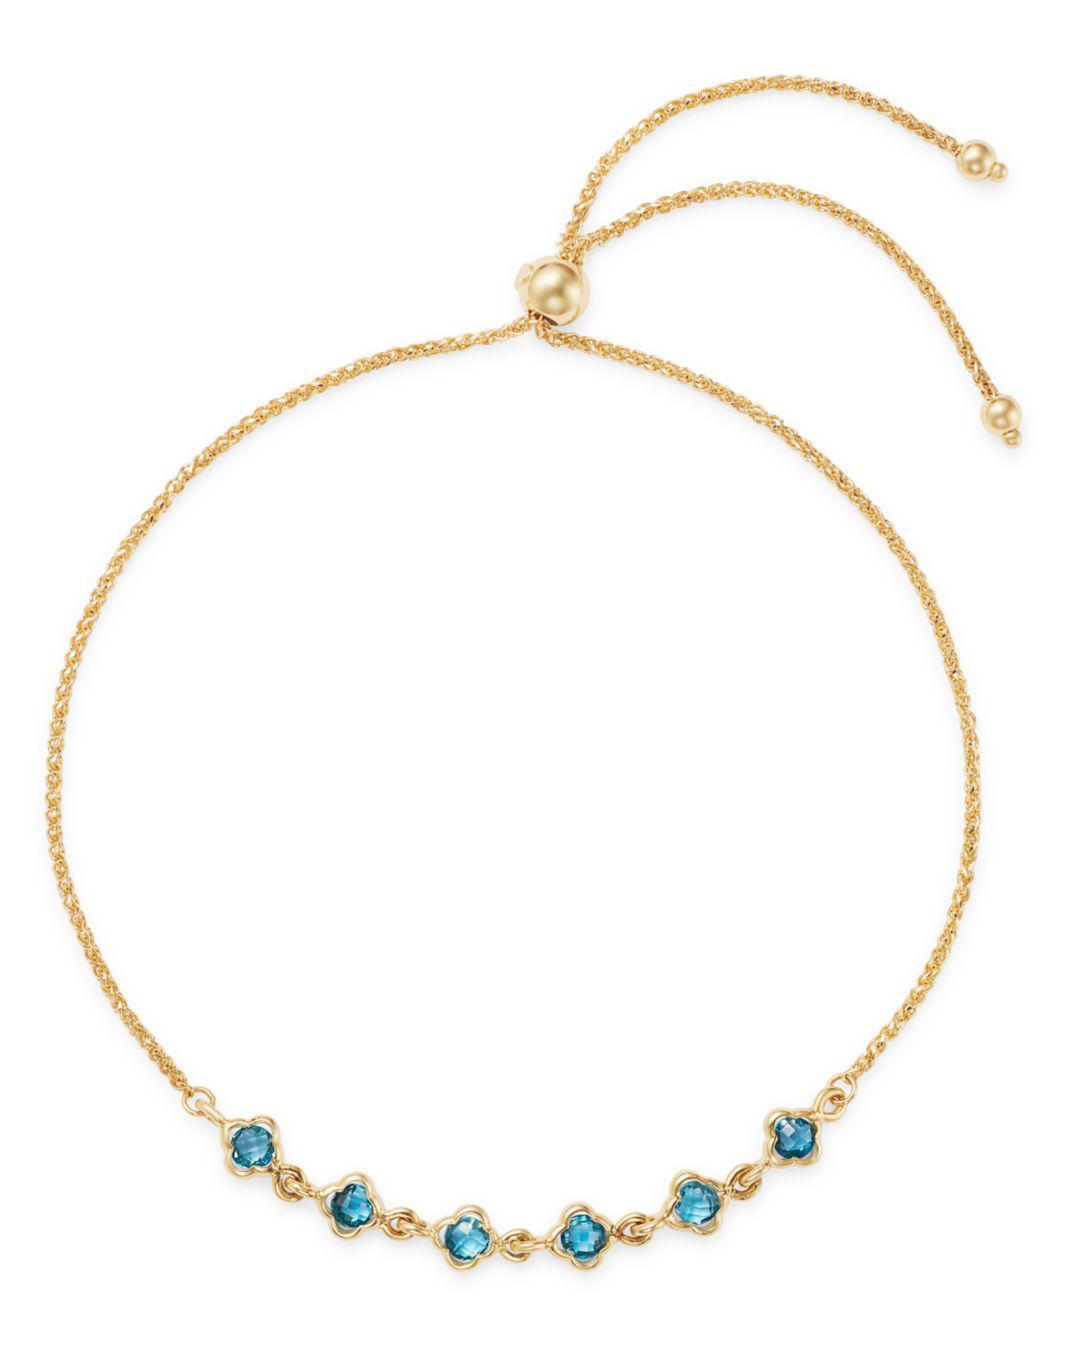 0bd85771aaa882 Bloomingdale's - London Blue Topaz Mini Clover Bolo Bracelet In 14k Yellow  Gold - Lyst. View fullscreen